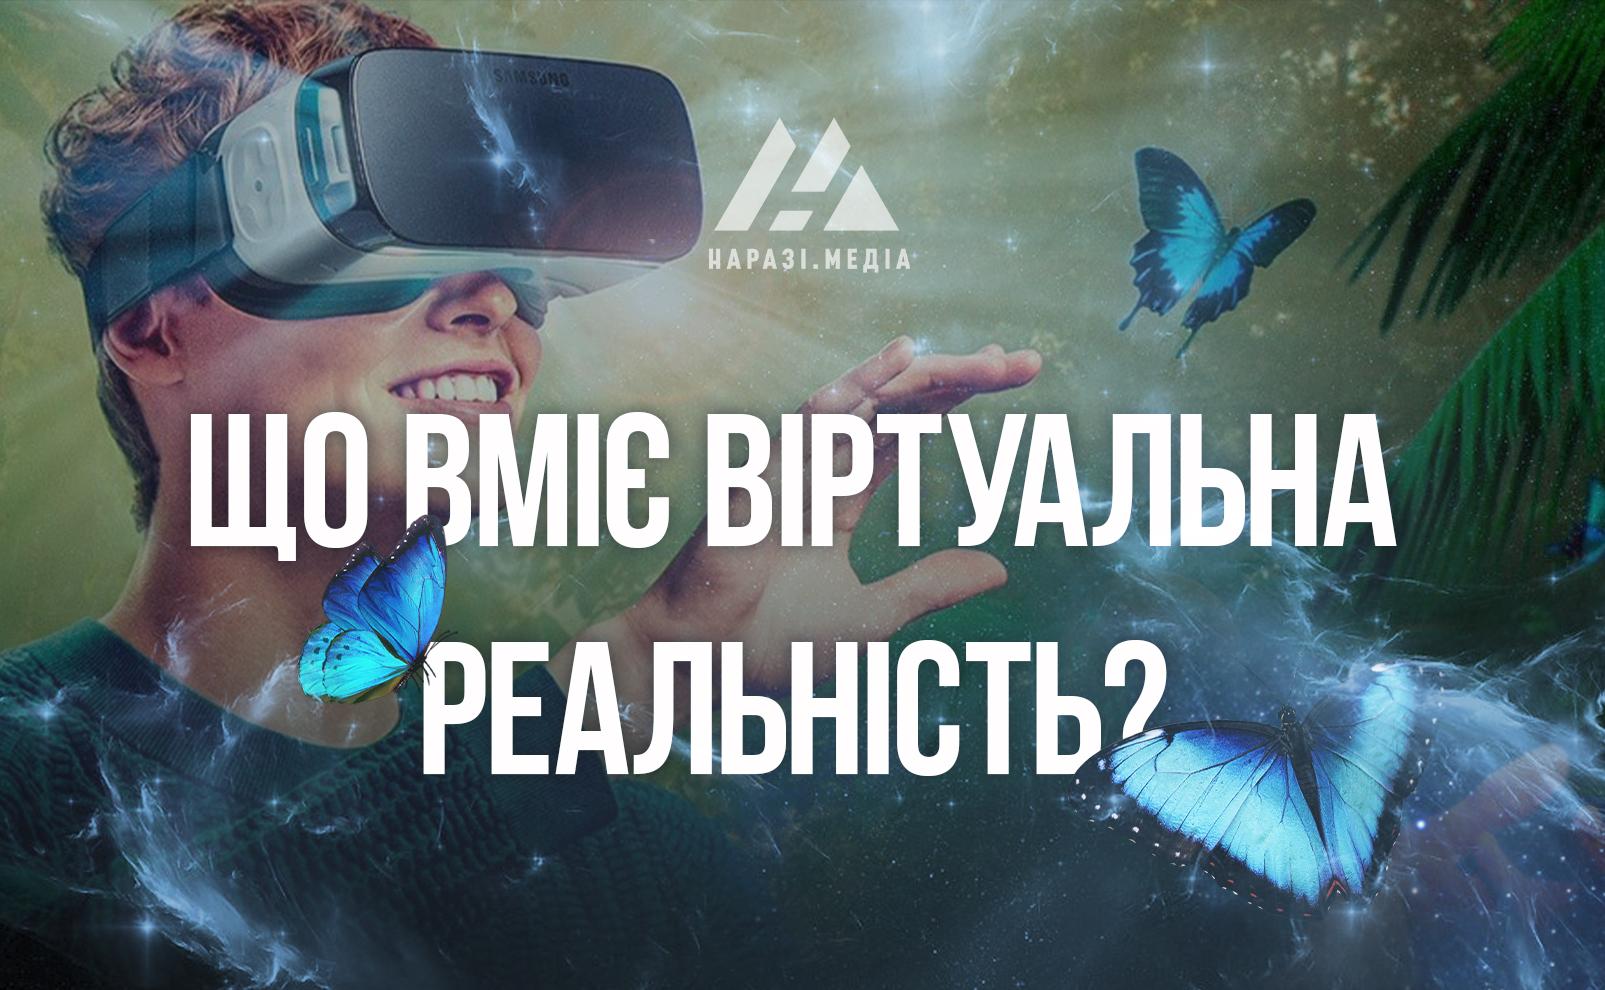 Віртуальна реальність: технології майбутньго вже поруч